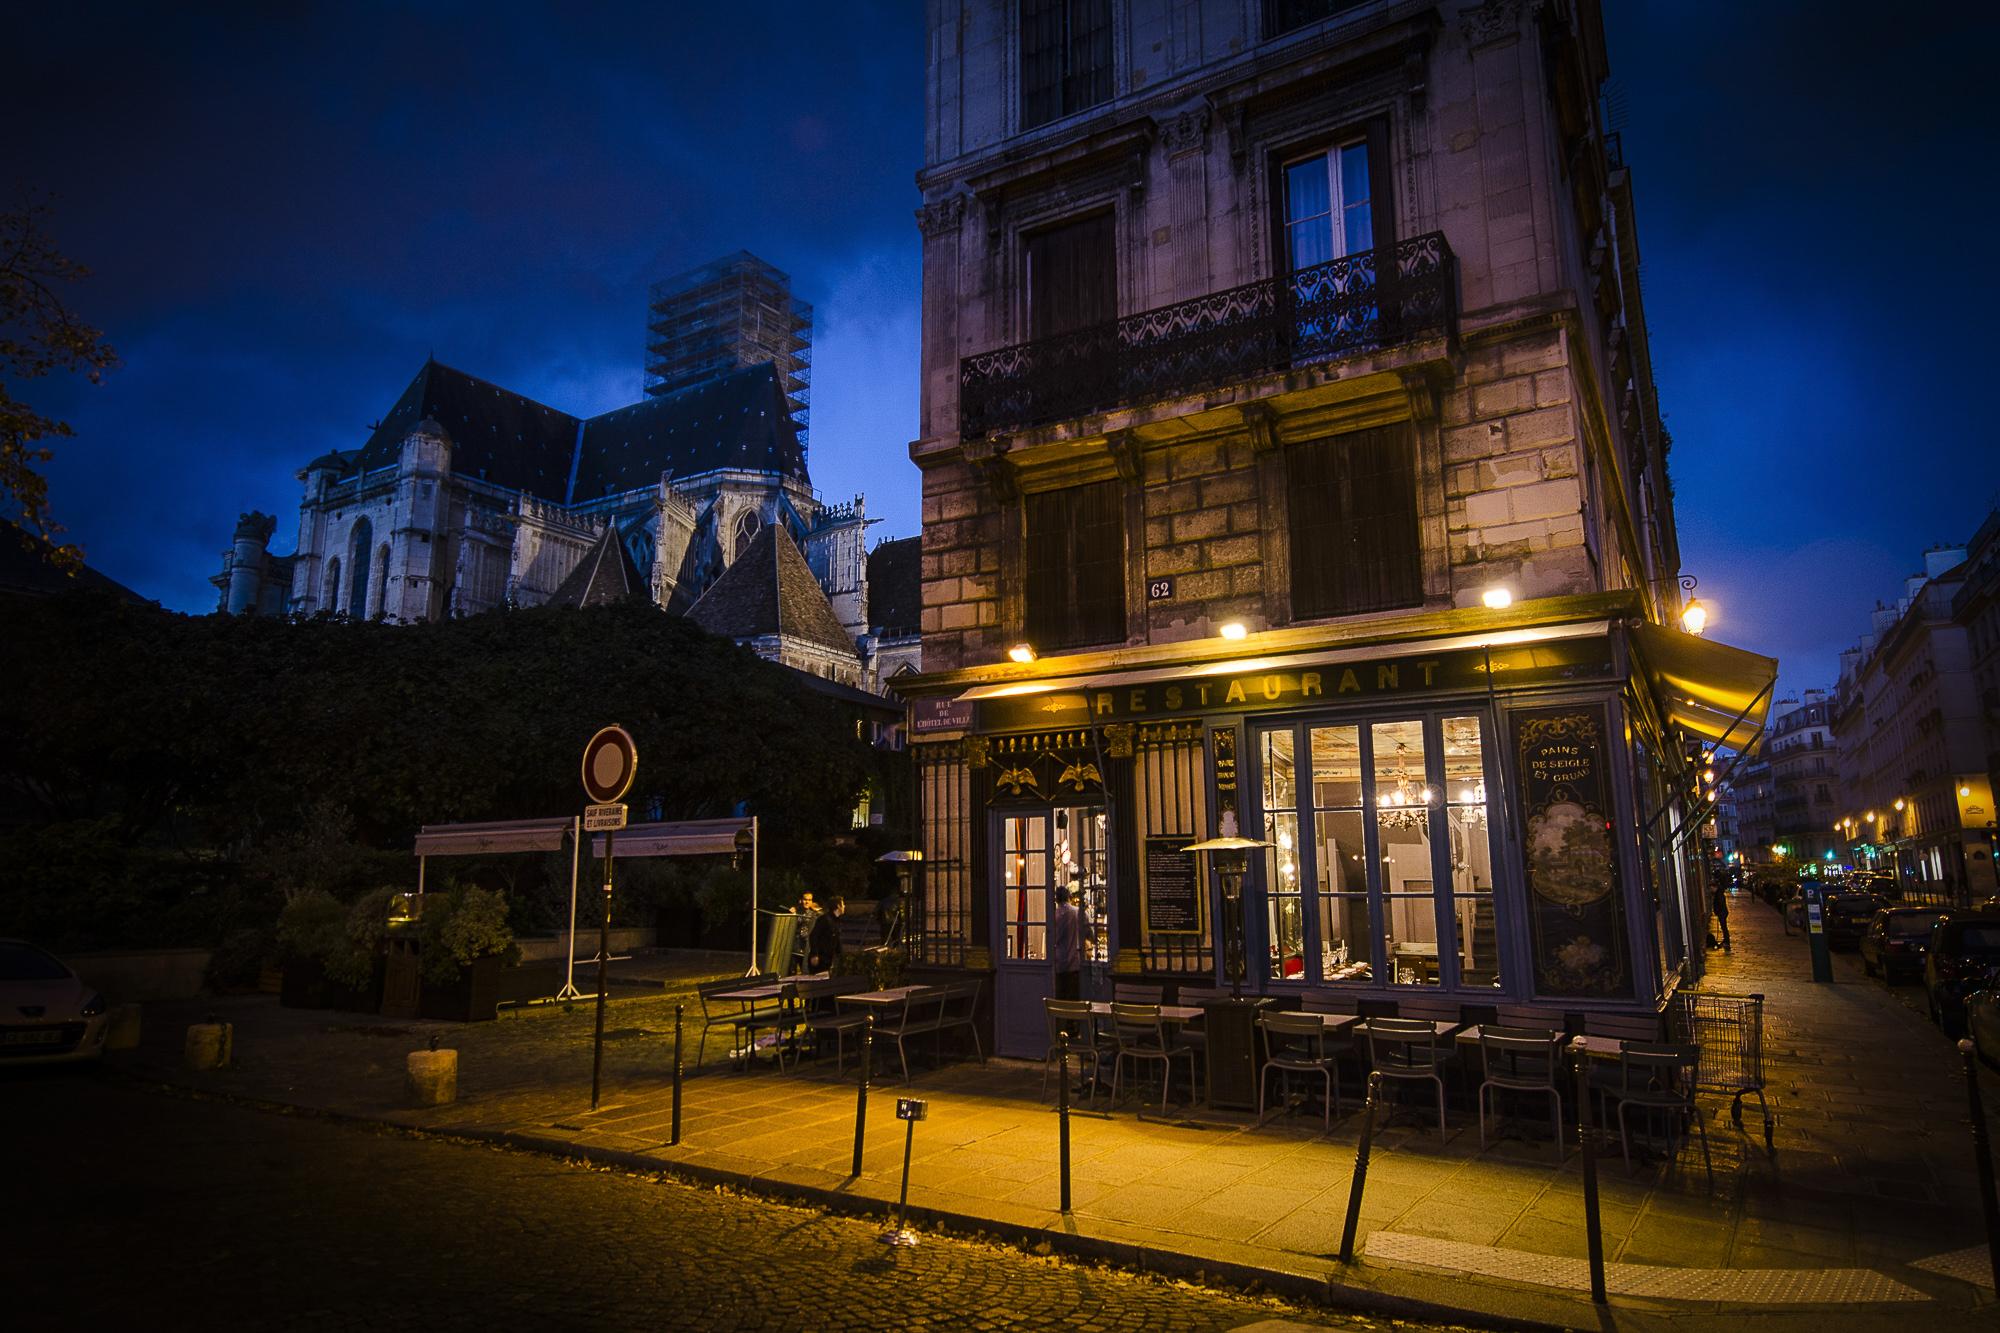 paris-extended-photo-tour-003.jpg